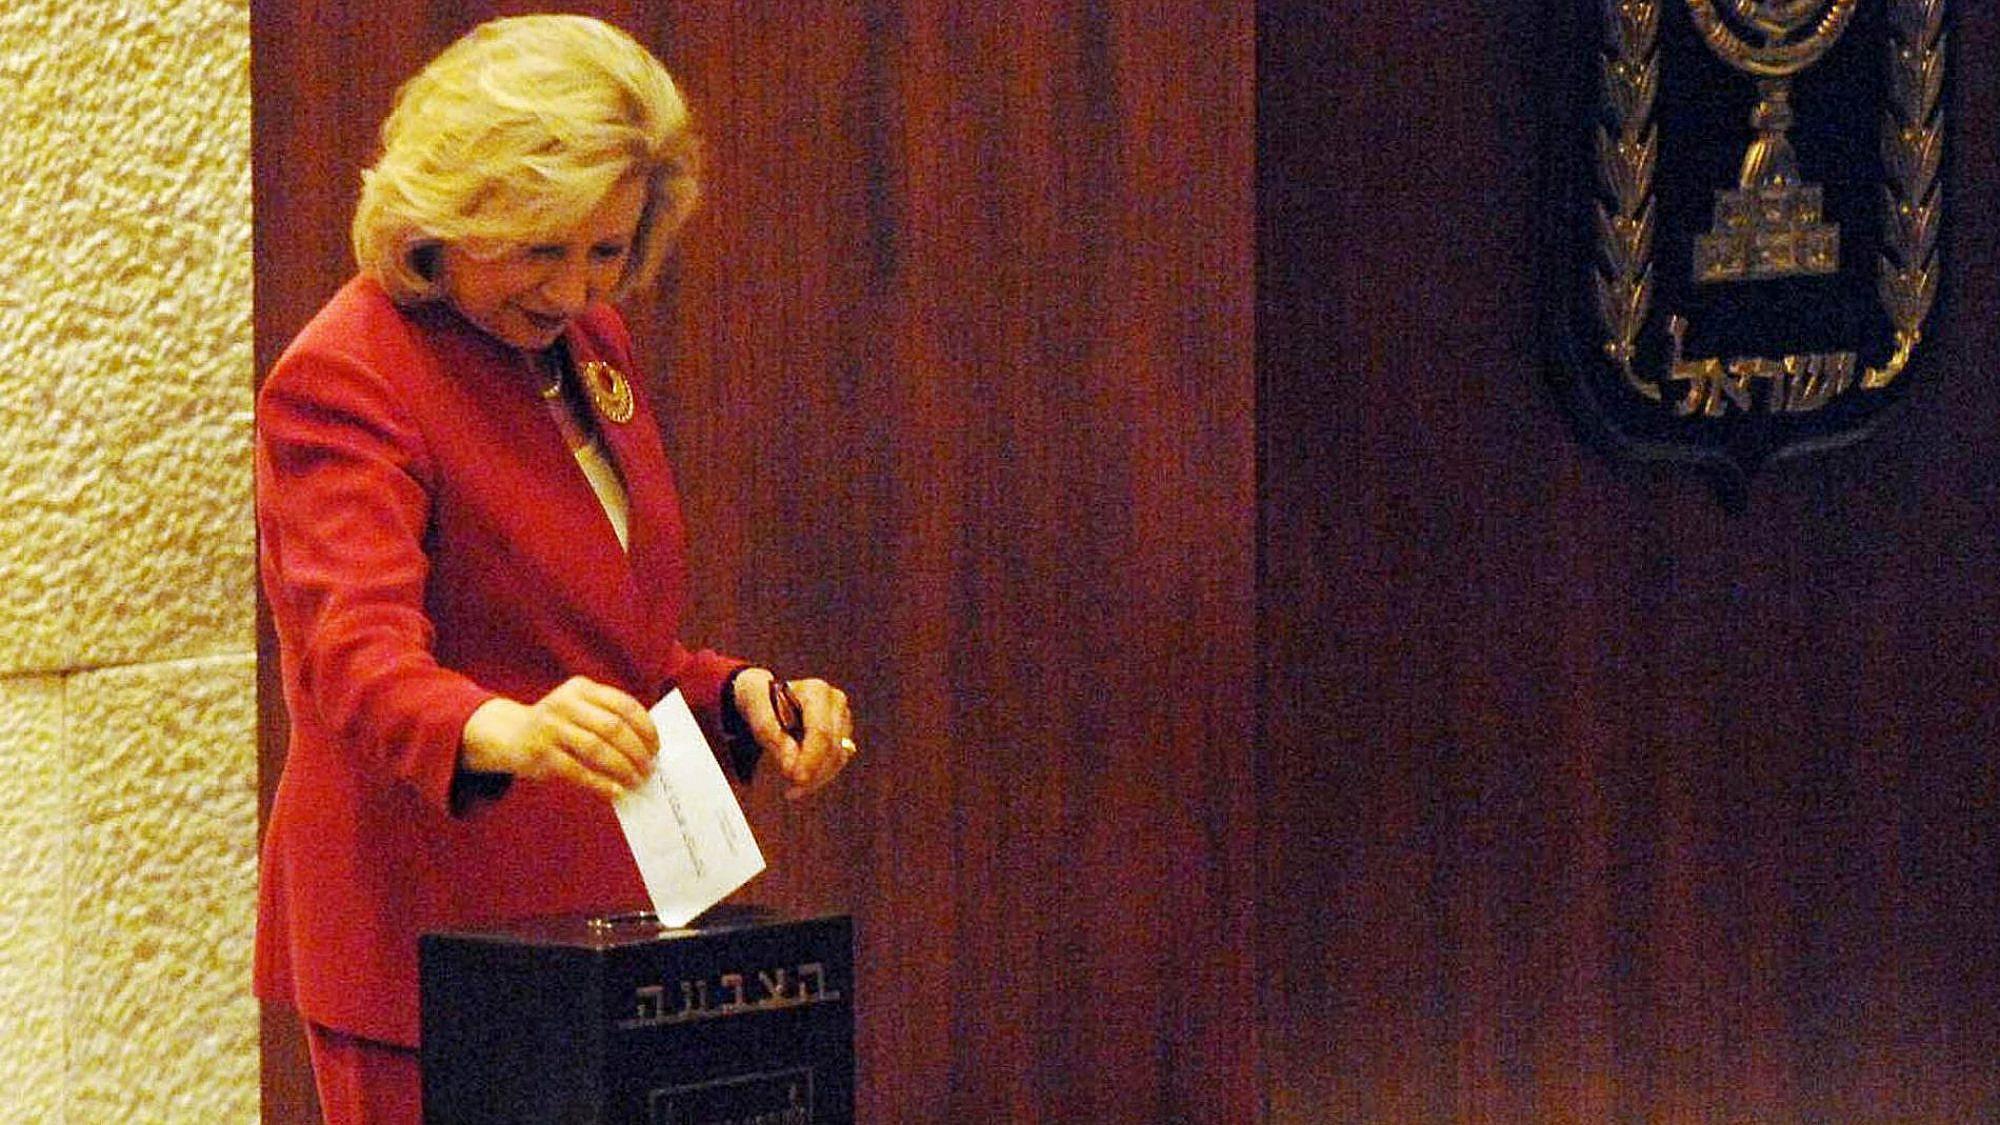 קולט אביטל מצביעה לנשיאות המדינה ב-2007. צילום: Photo by GPO via Getty Images